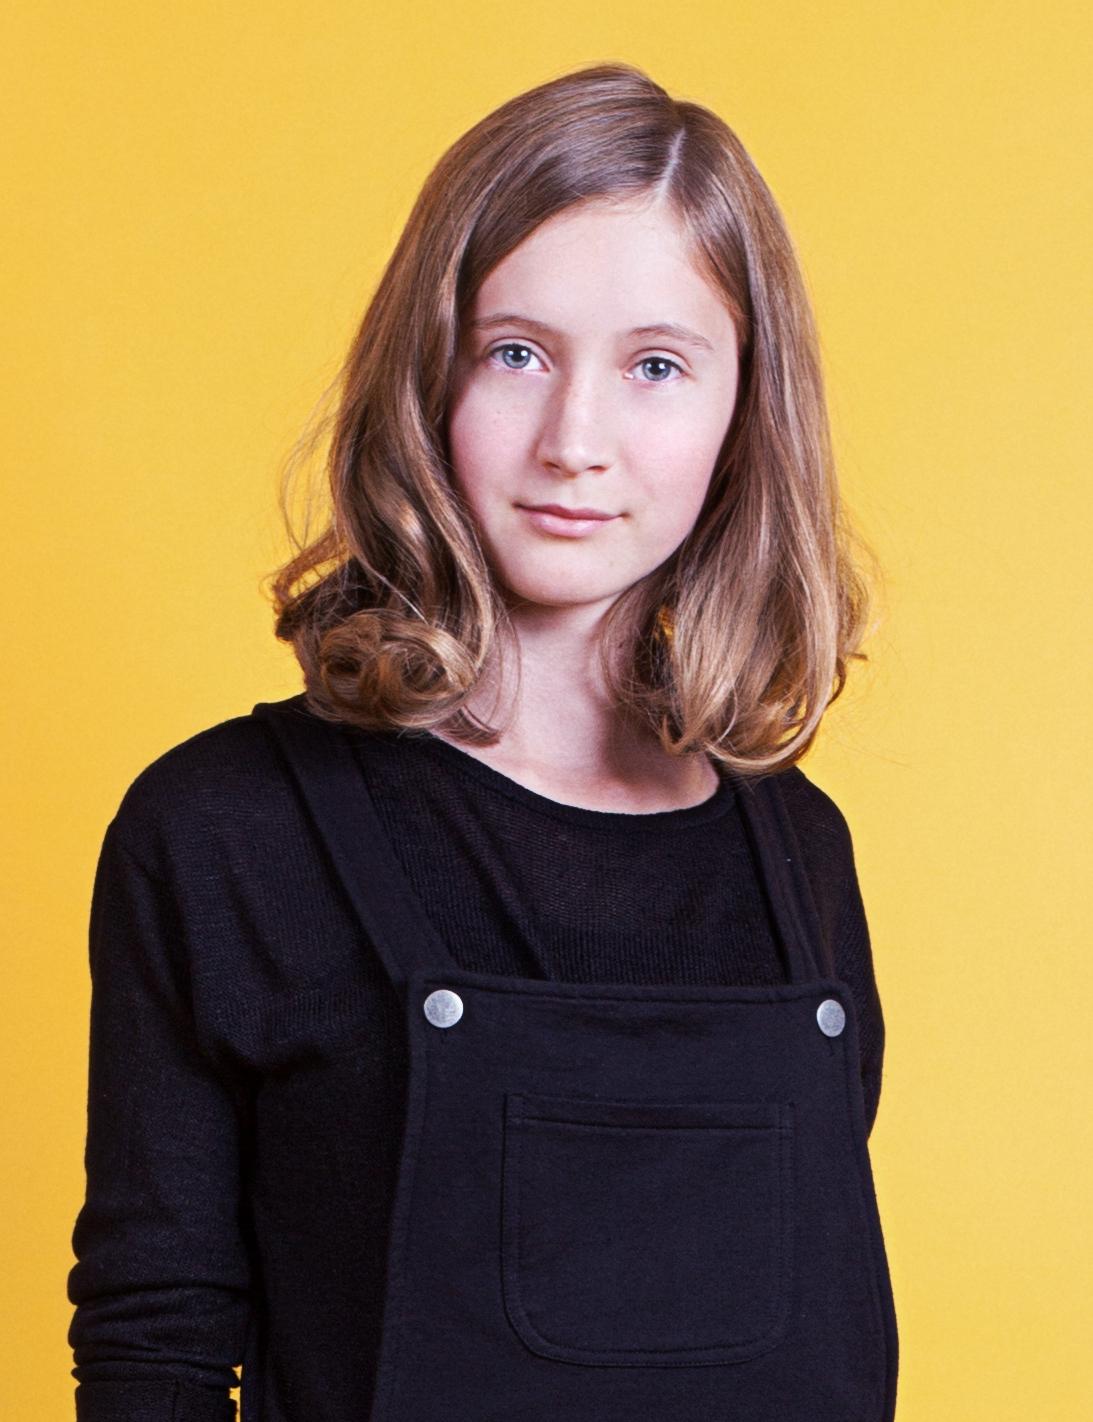 Анна табанина фото детей